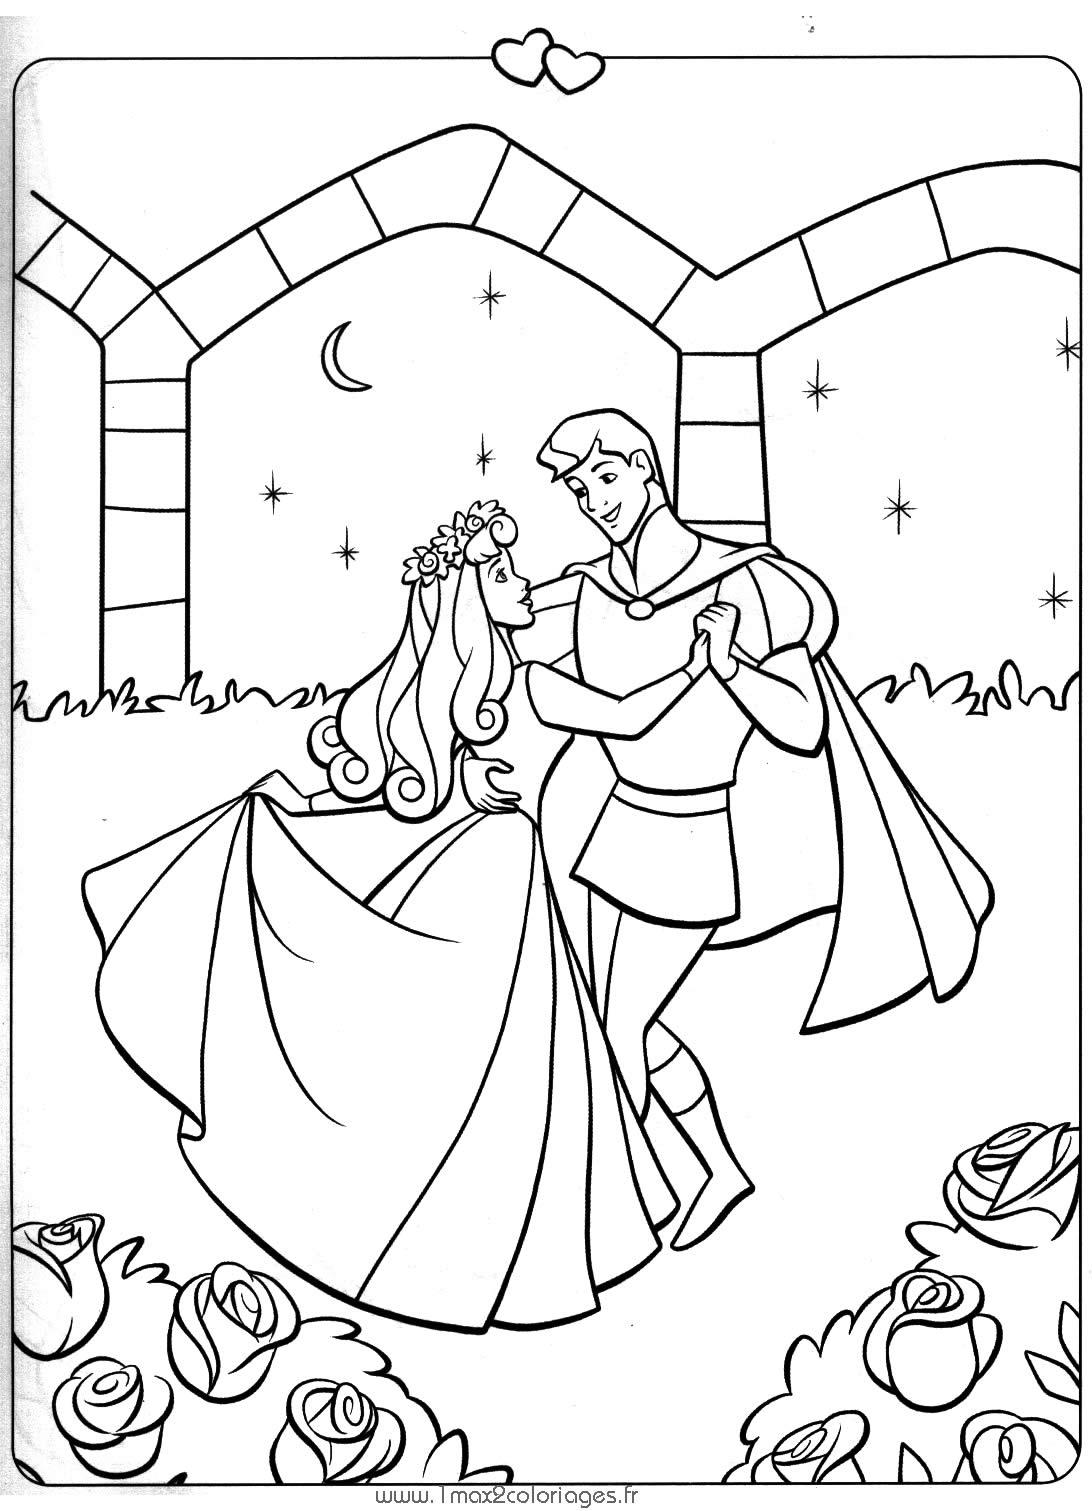 Desenhos Para Colorir E Imprimir Princesas Disney Melhores Casas